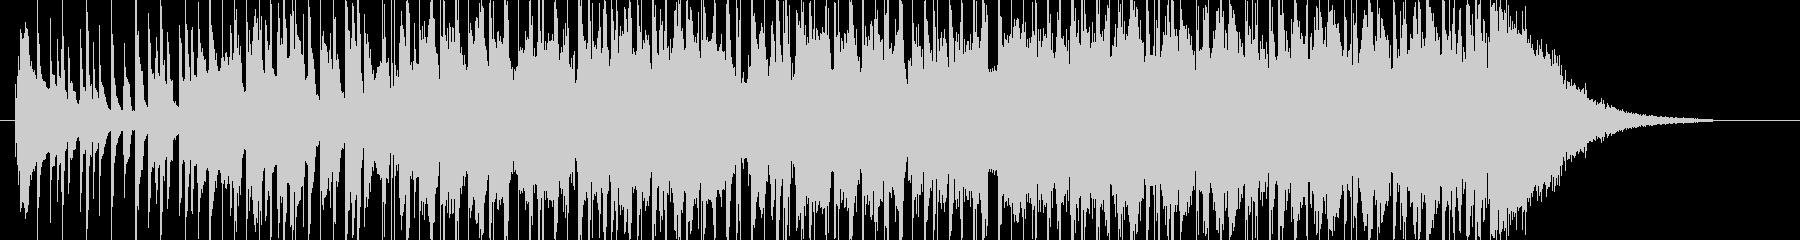 木琴が可愛いHAPPYでポップなBGMの未再生の波形